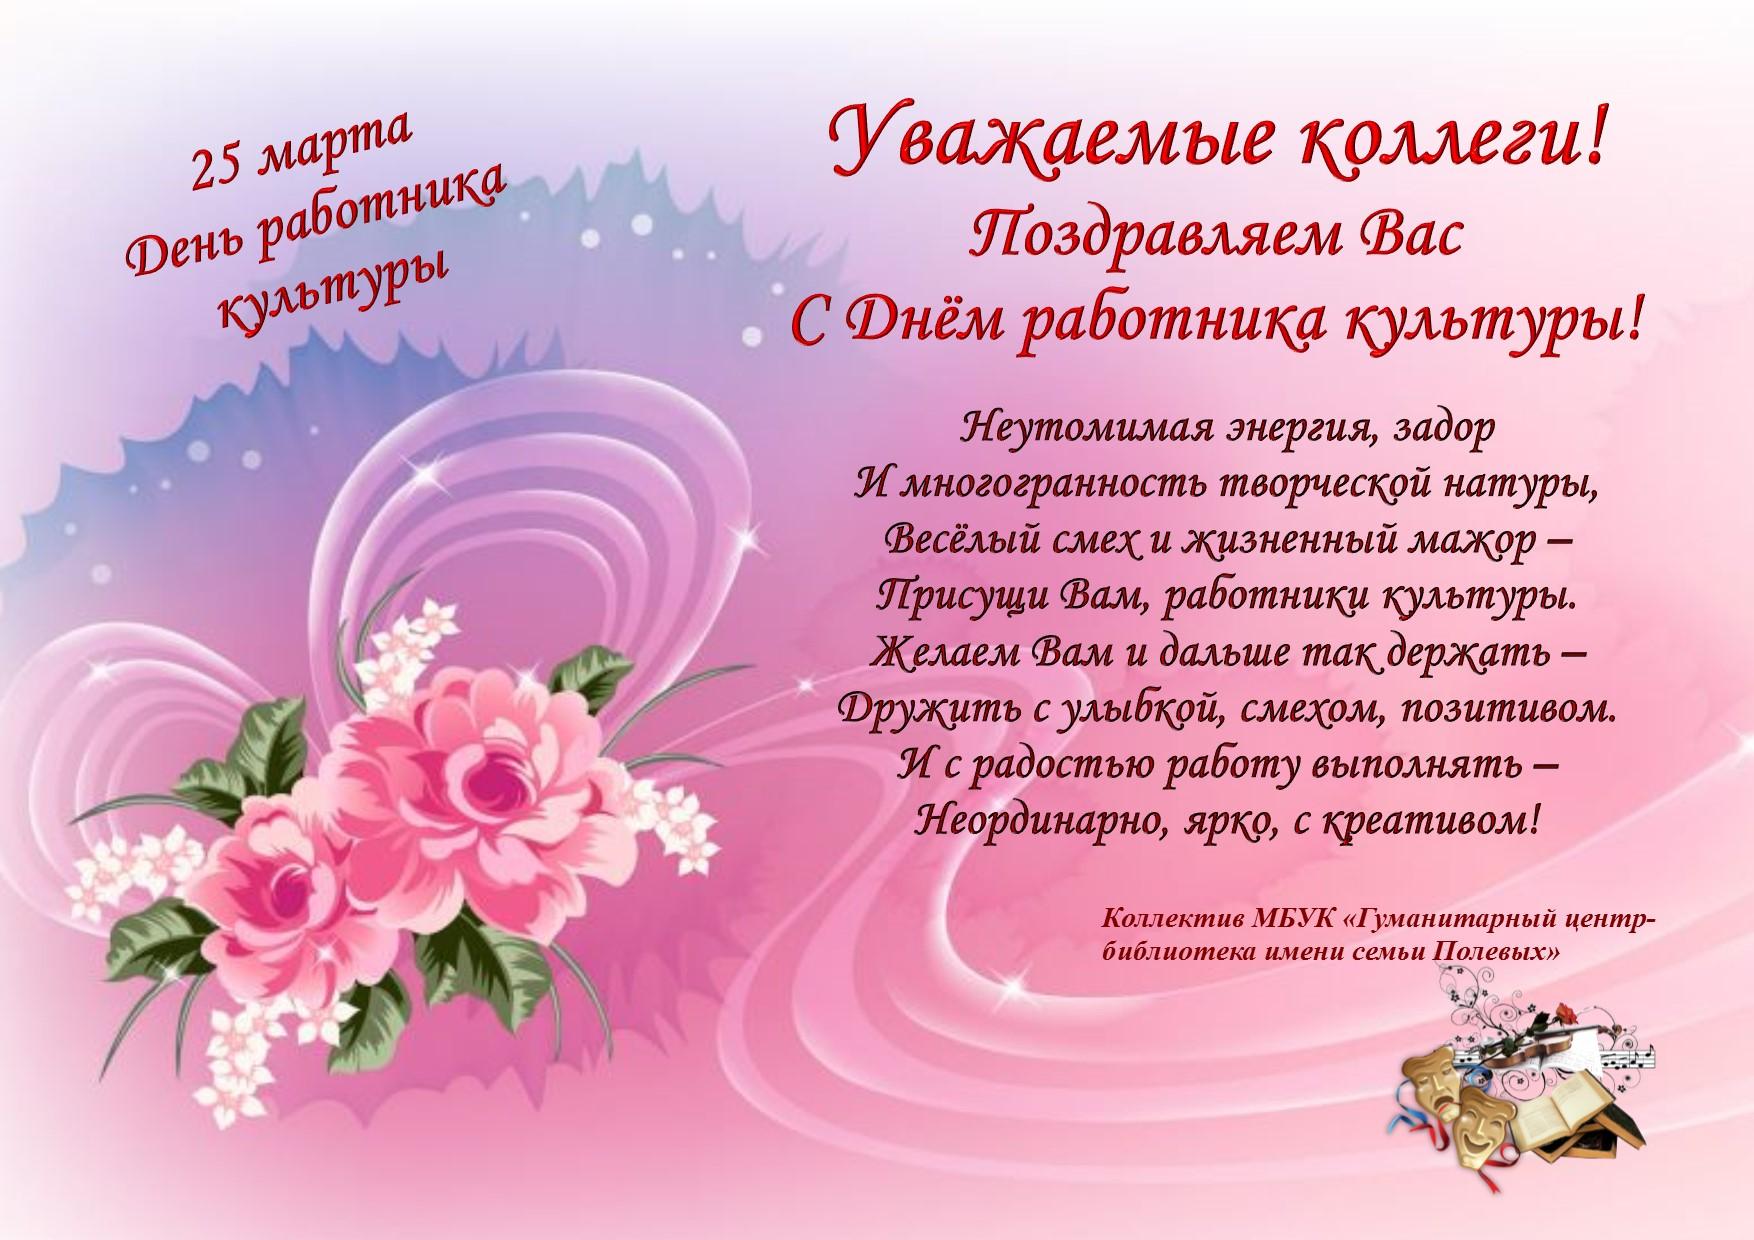 Поздравление с юбилеем работнику культуры женщине 58